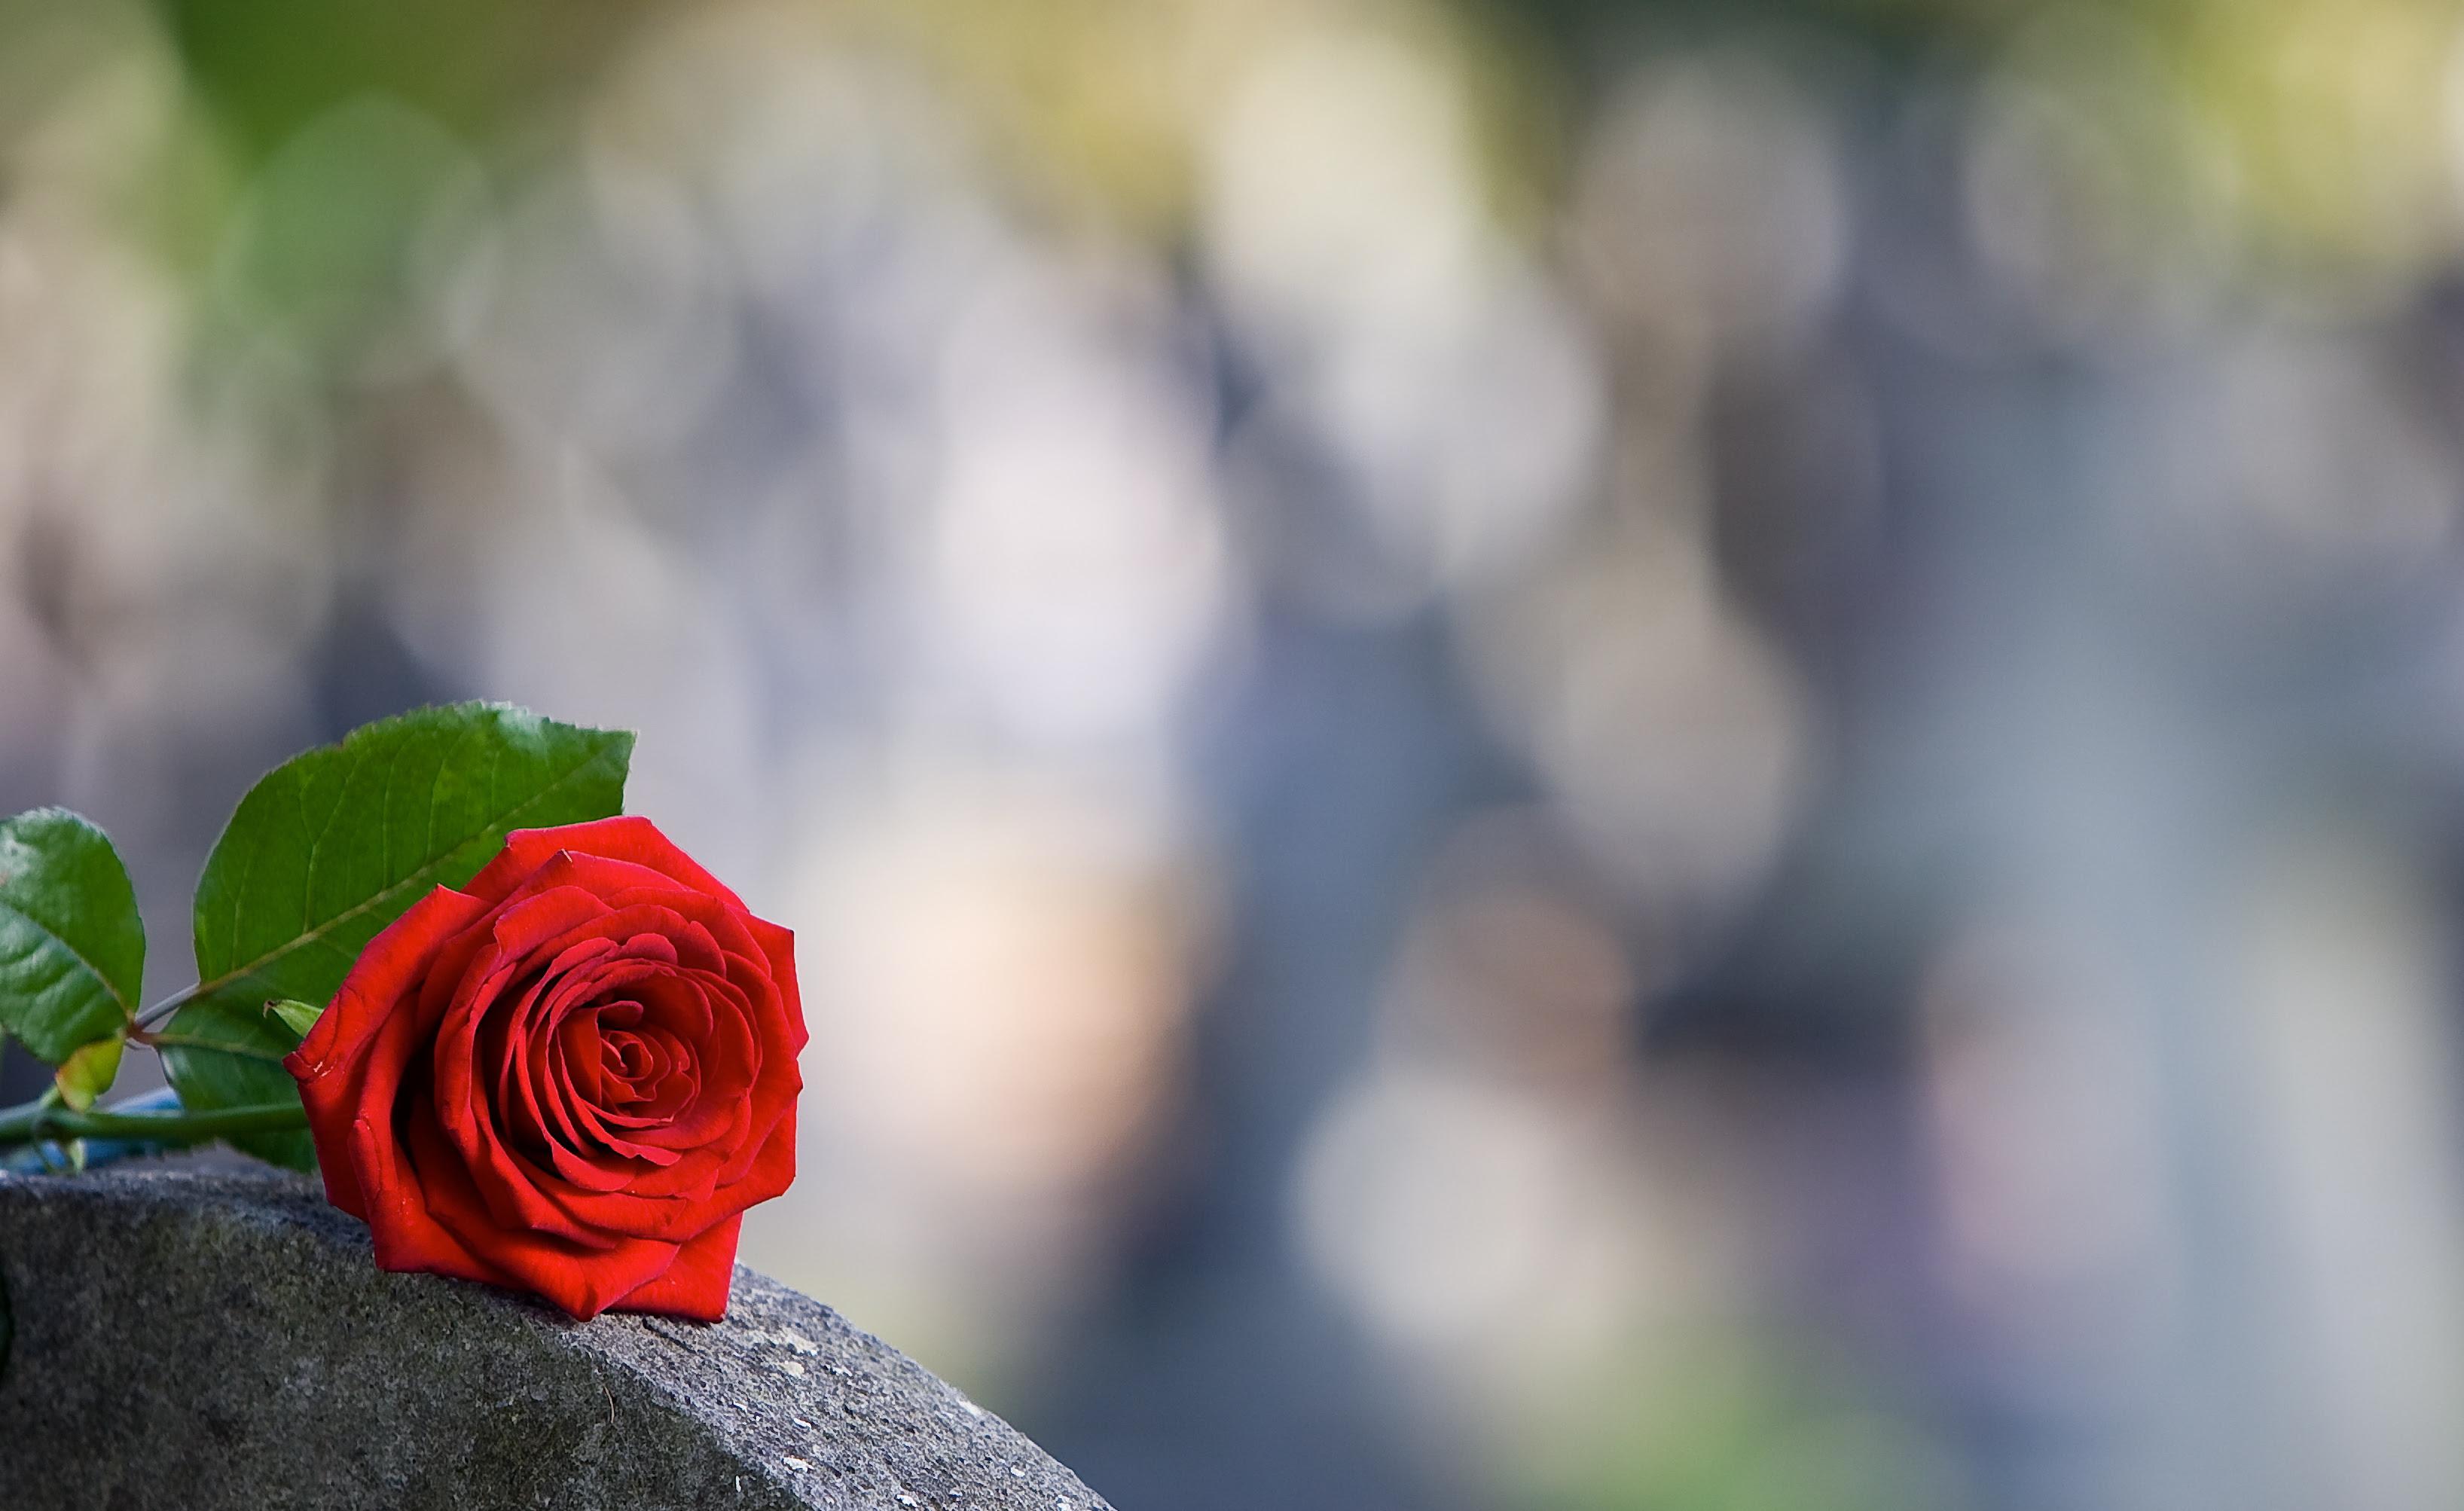 フリー画像花フラワー薔薇バラレッド花フリー素材画像素材なら